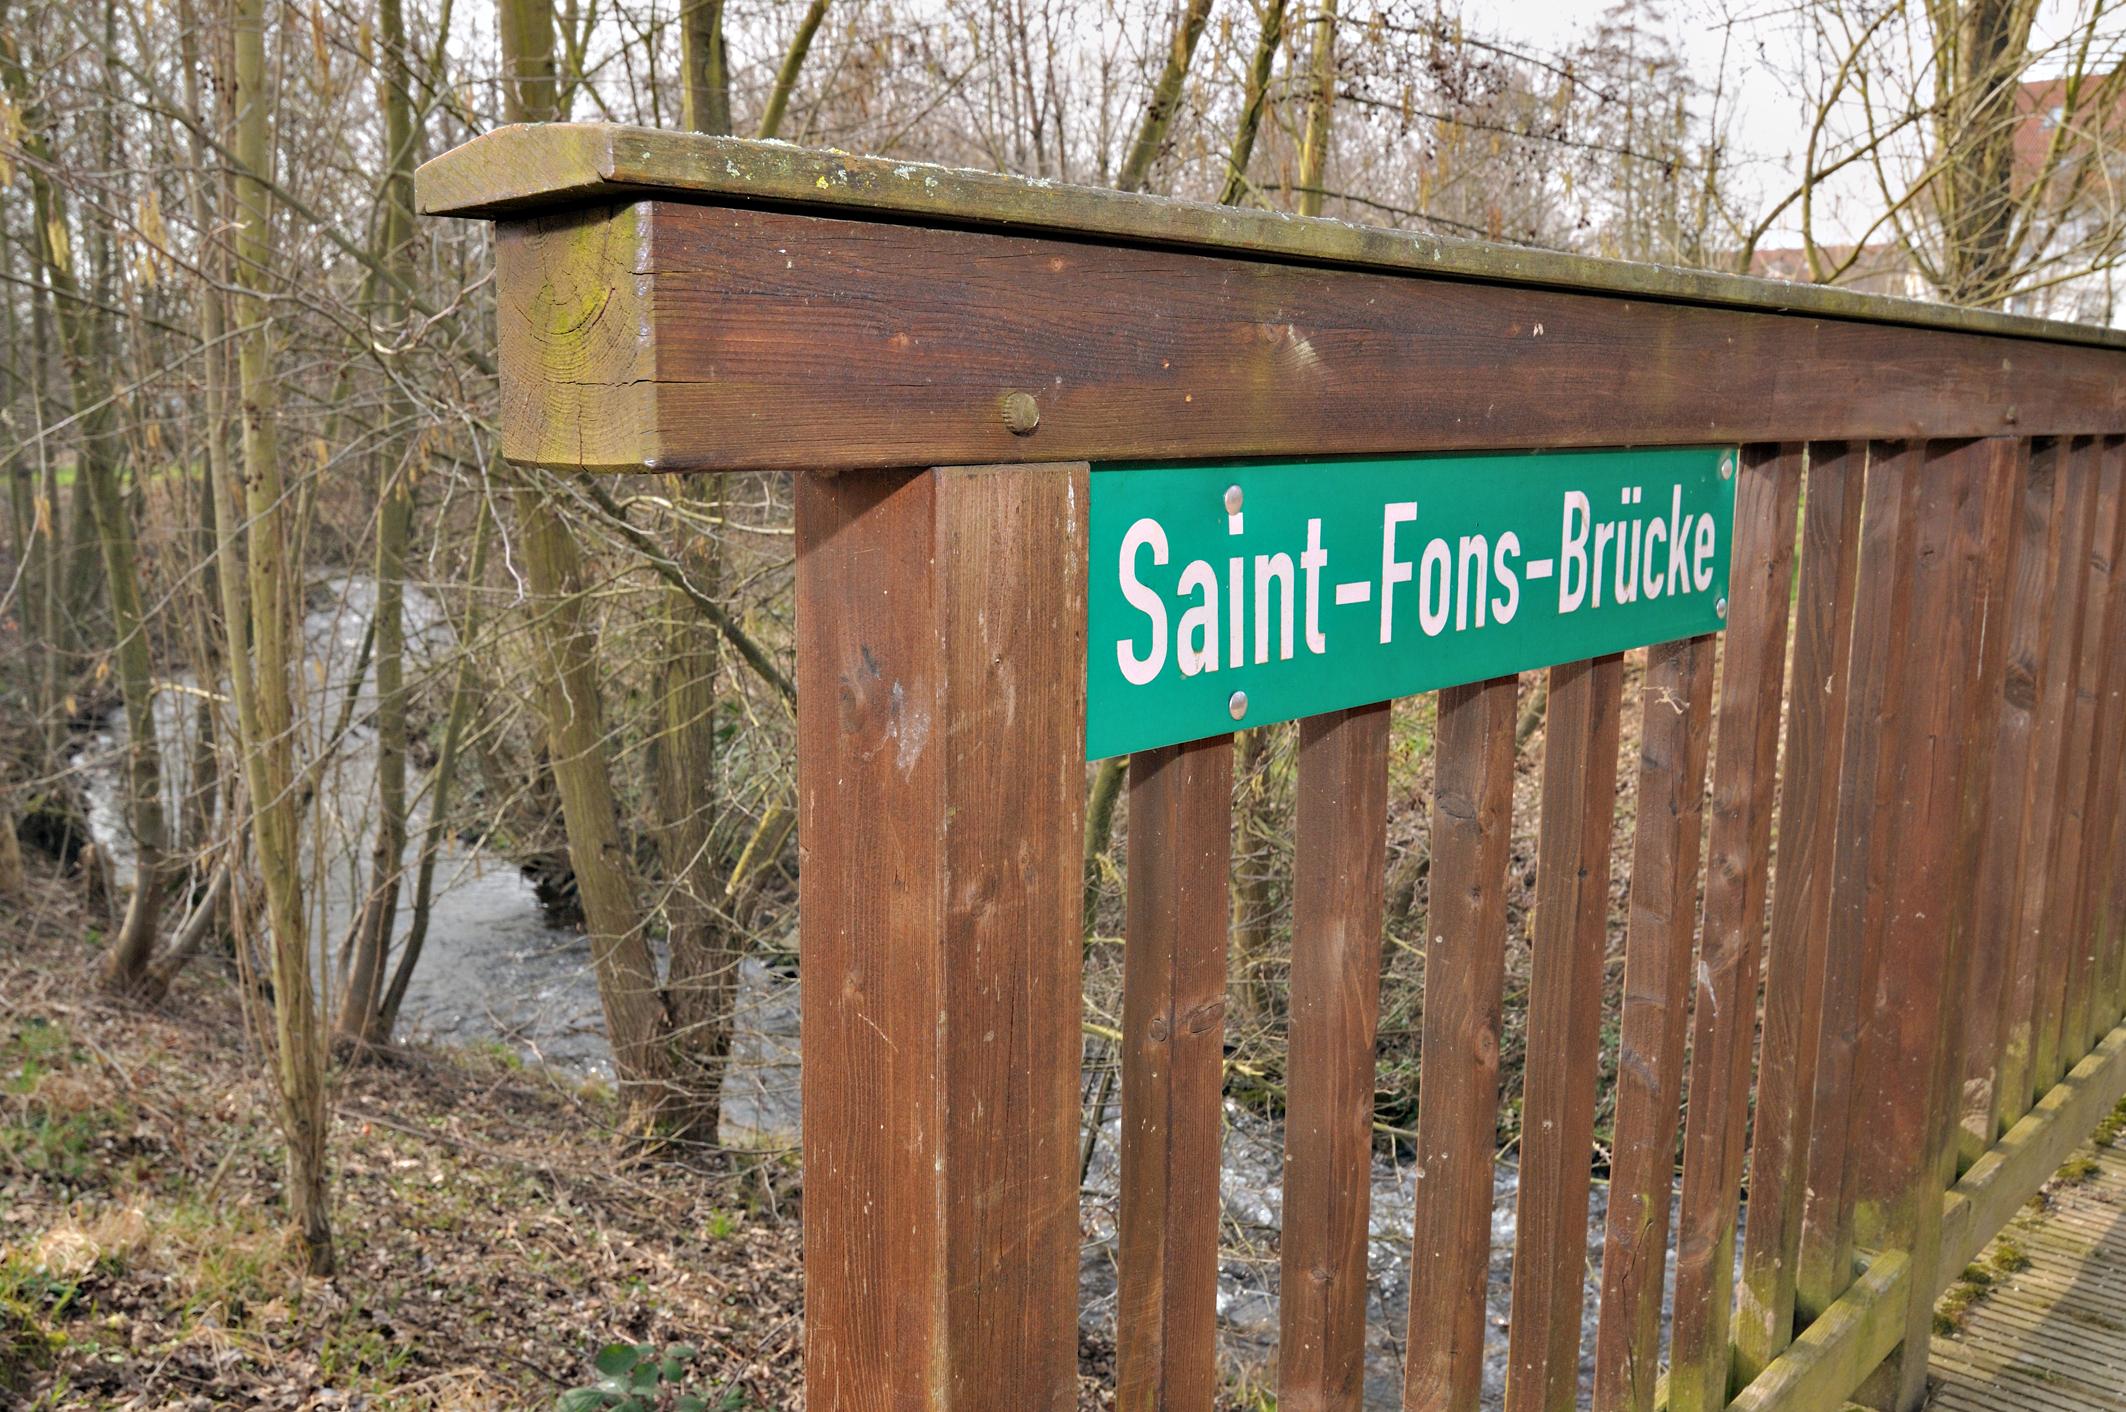 Saint-Fons-Brücke